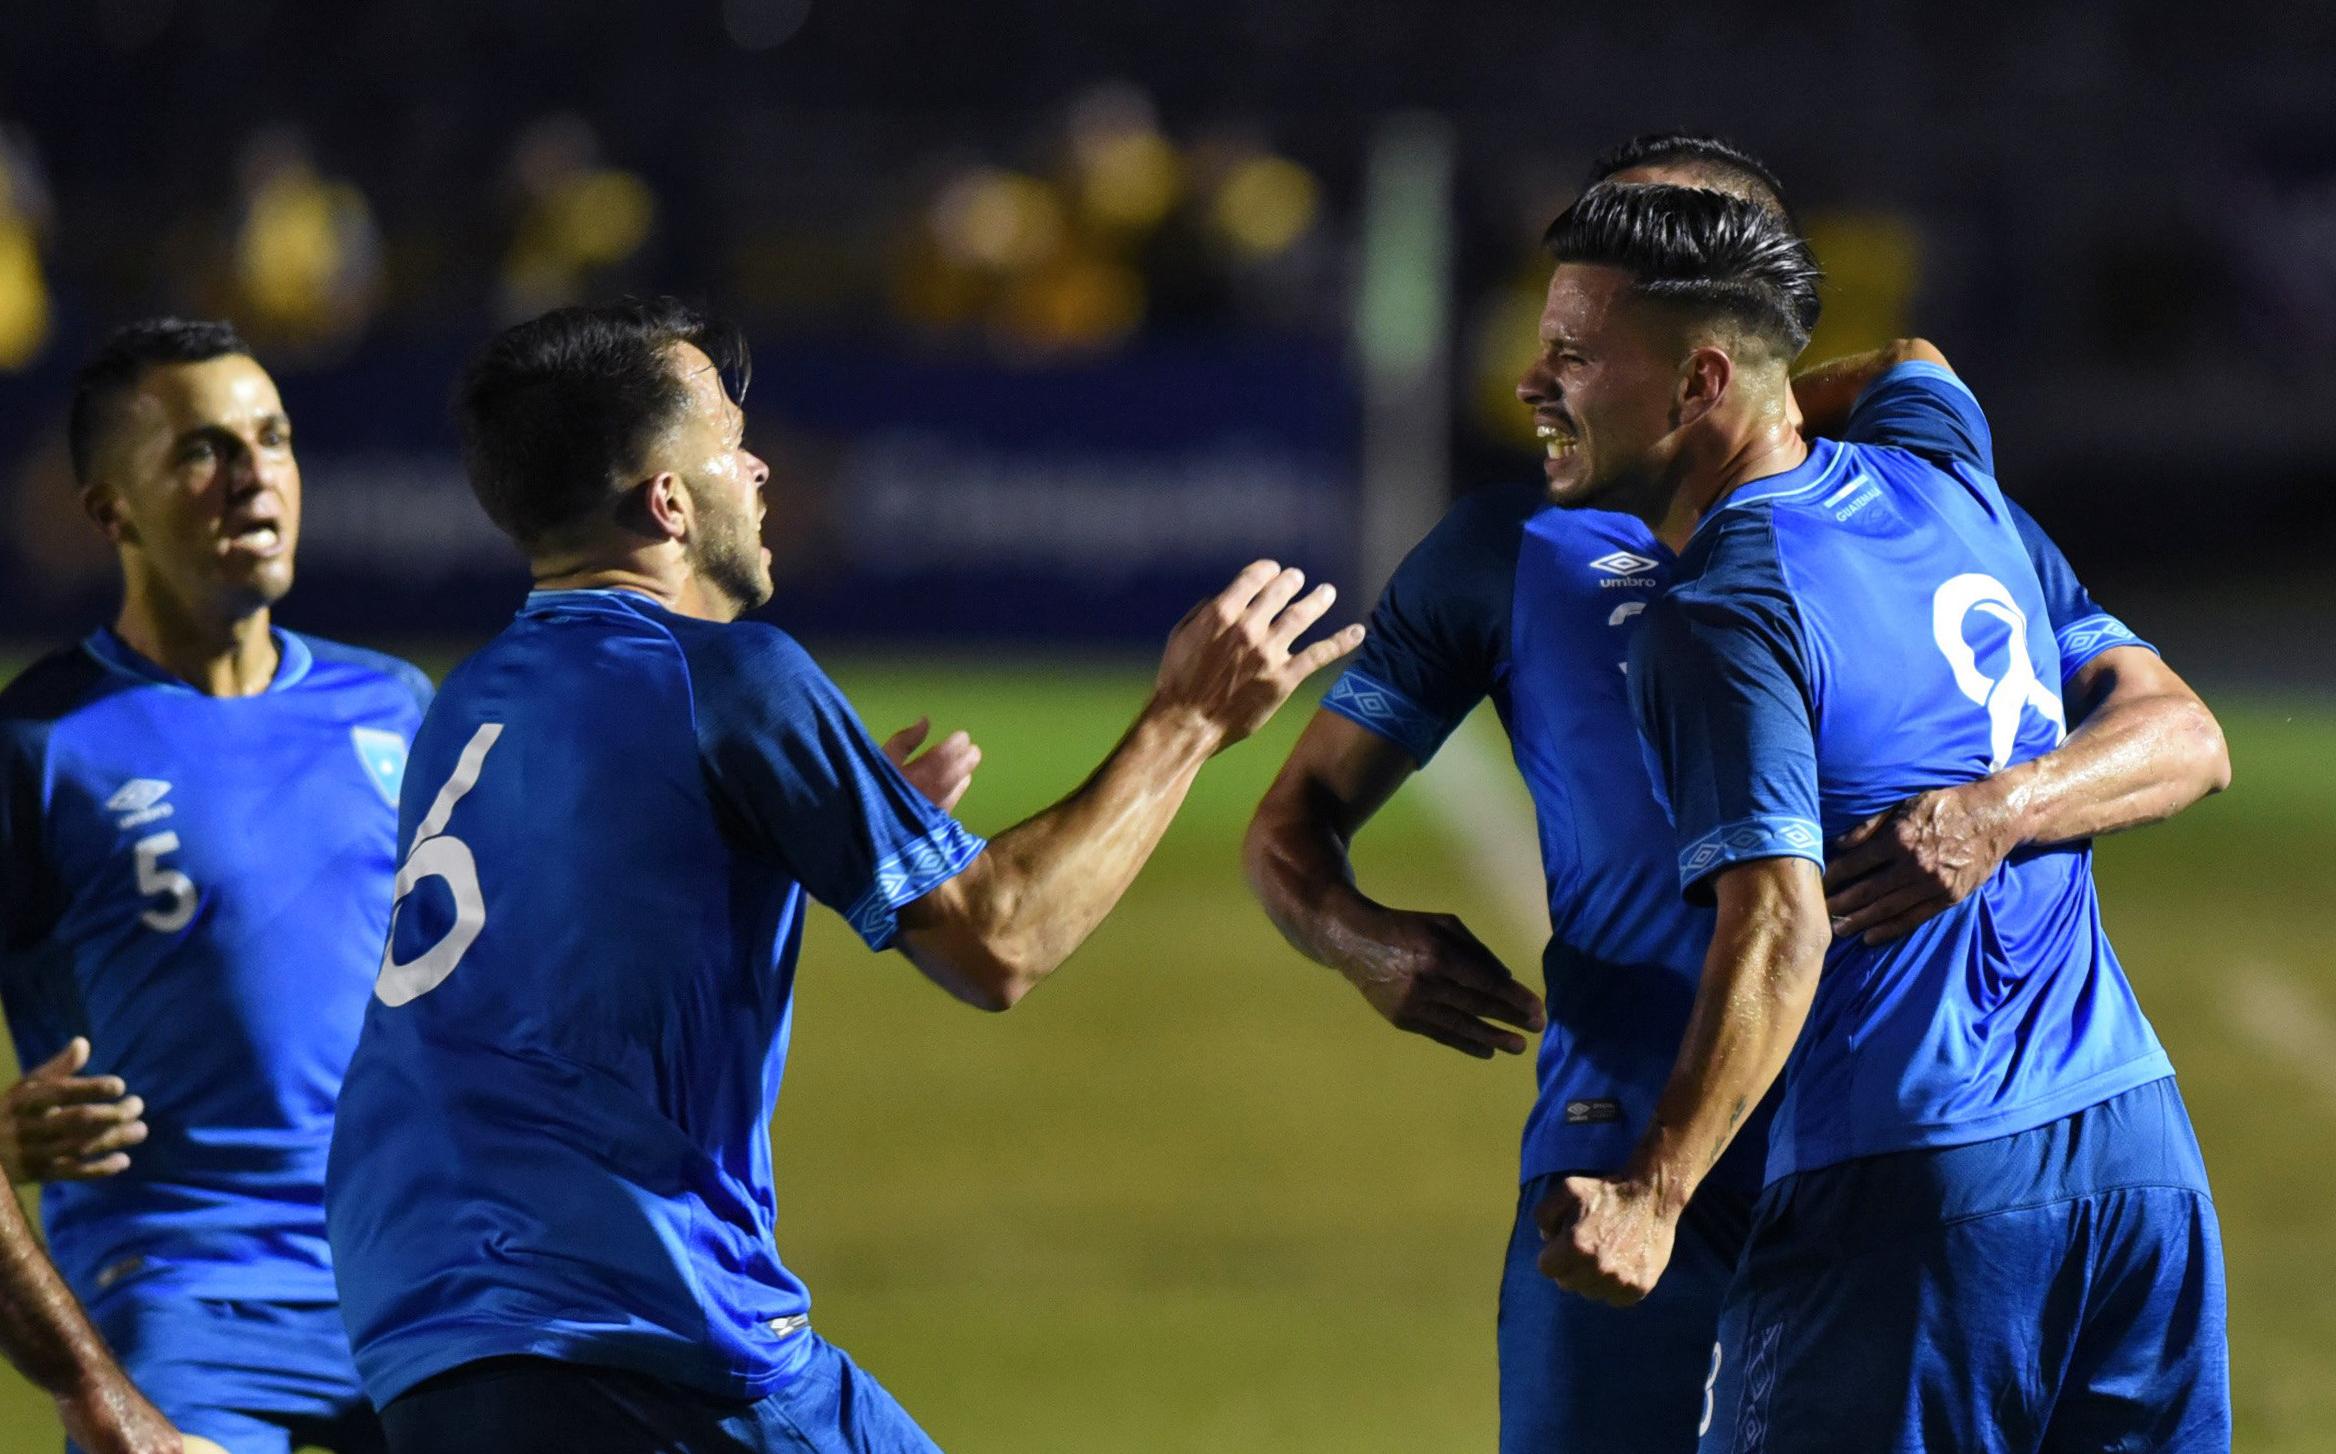 La Selección de Guatemala conocerá a sus rivales de la Liga de Naciones de Concacaf este miércoles. (Foto Prensa Libre: AFP)